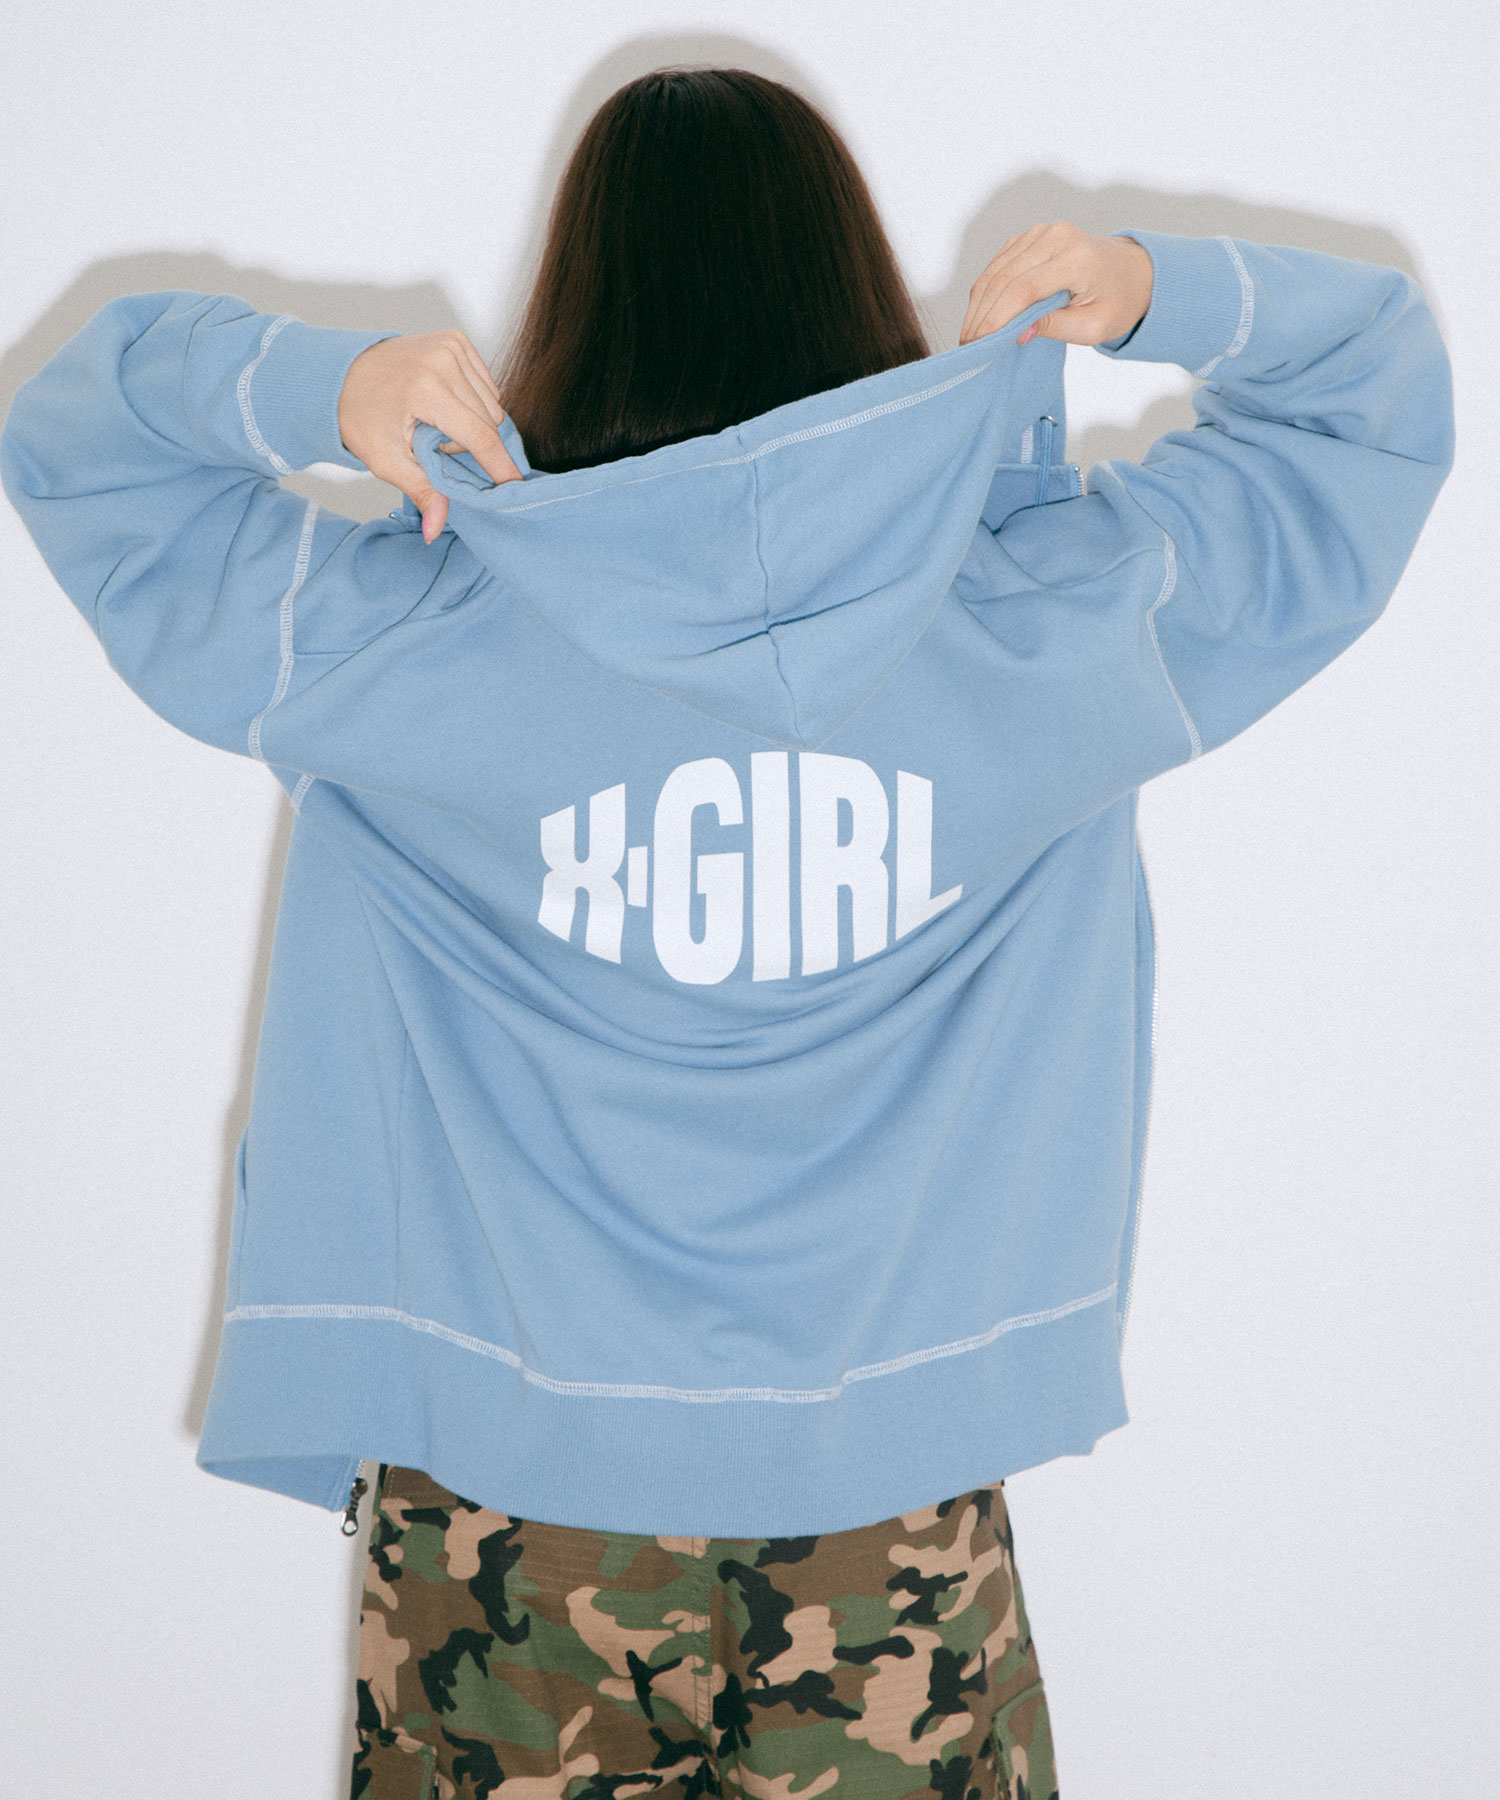 【公式】X-girlエックスガールCURVEDLOGOZIPUPSWEATHOODIEフーディージップパーカーロゴ羽織スウェットジップアップレディース新作トップス大きめ人気